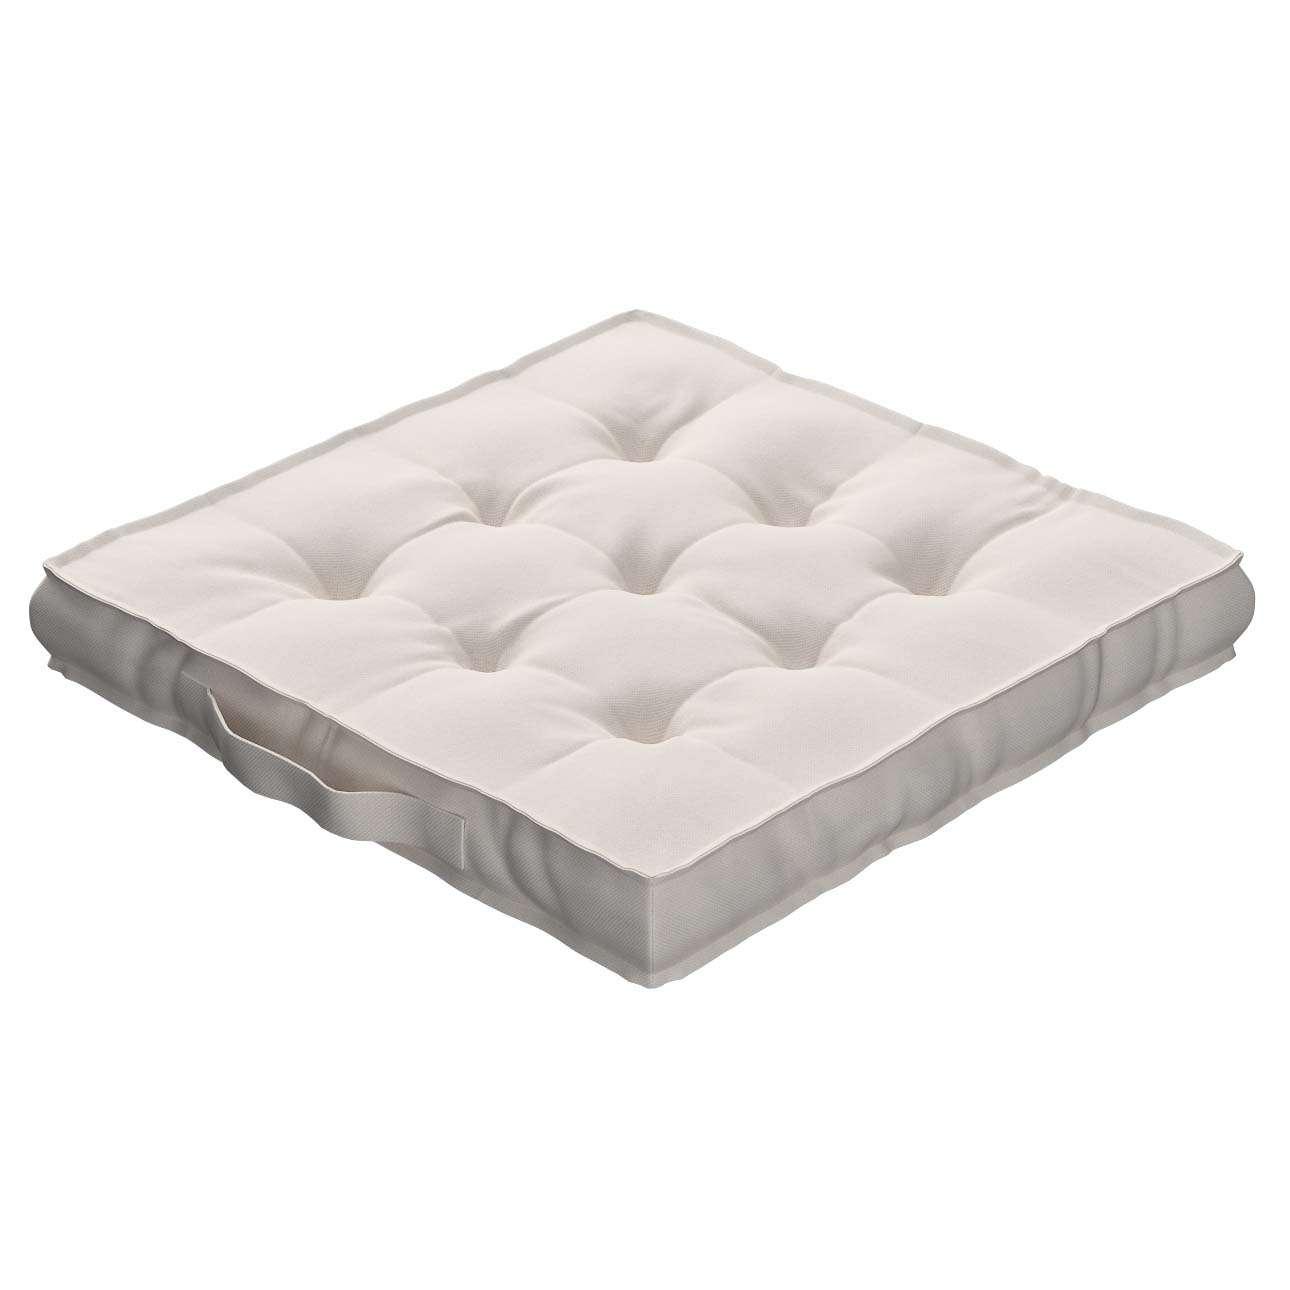 Pagalvėlė Kuba kėdei/ant grindų 40 x 40 x 6 cm kolekcijoje Etna , audinys: 705-01